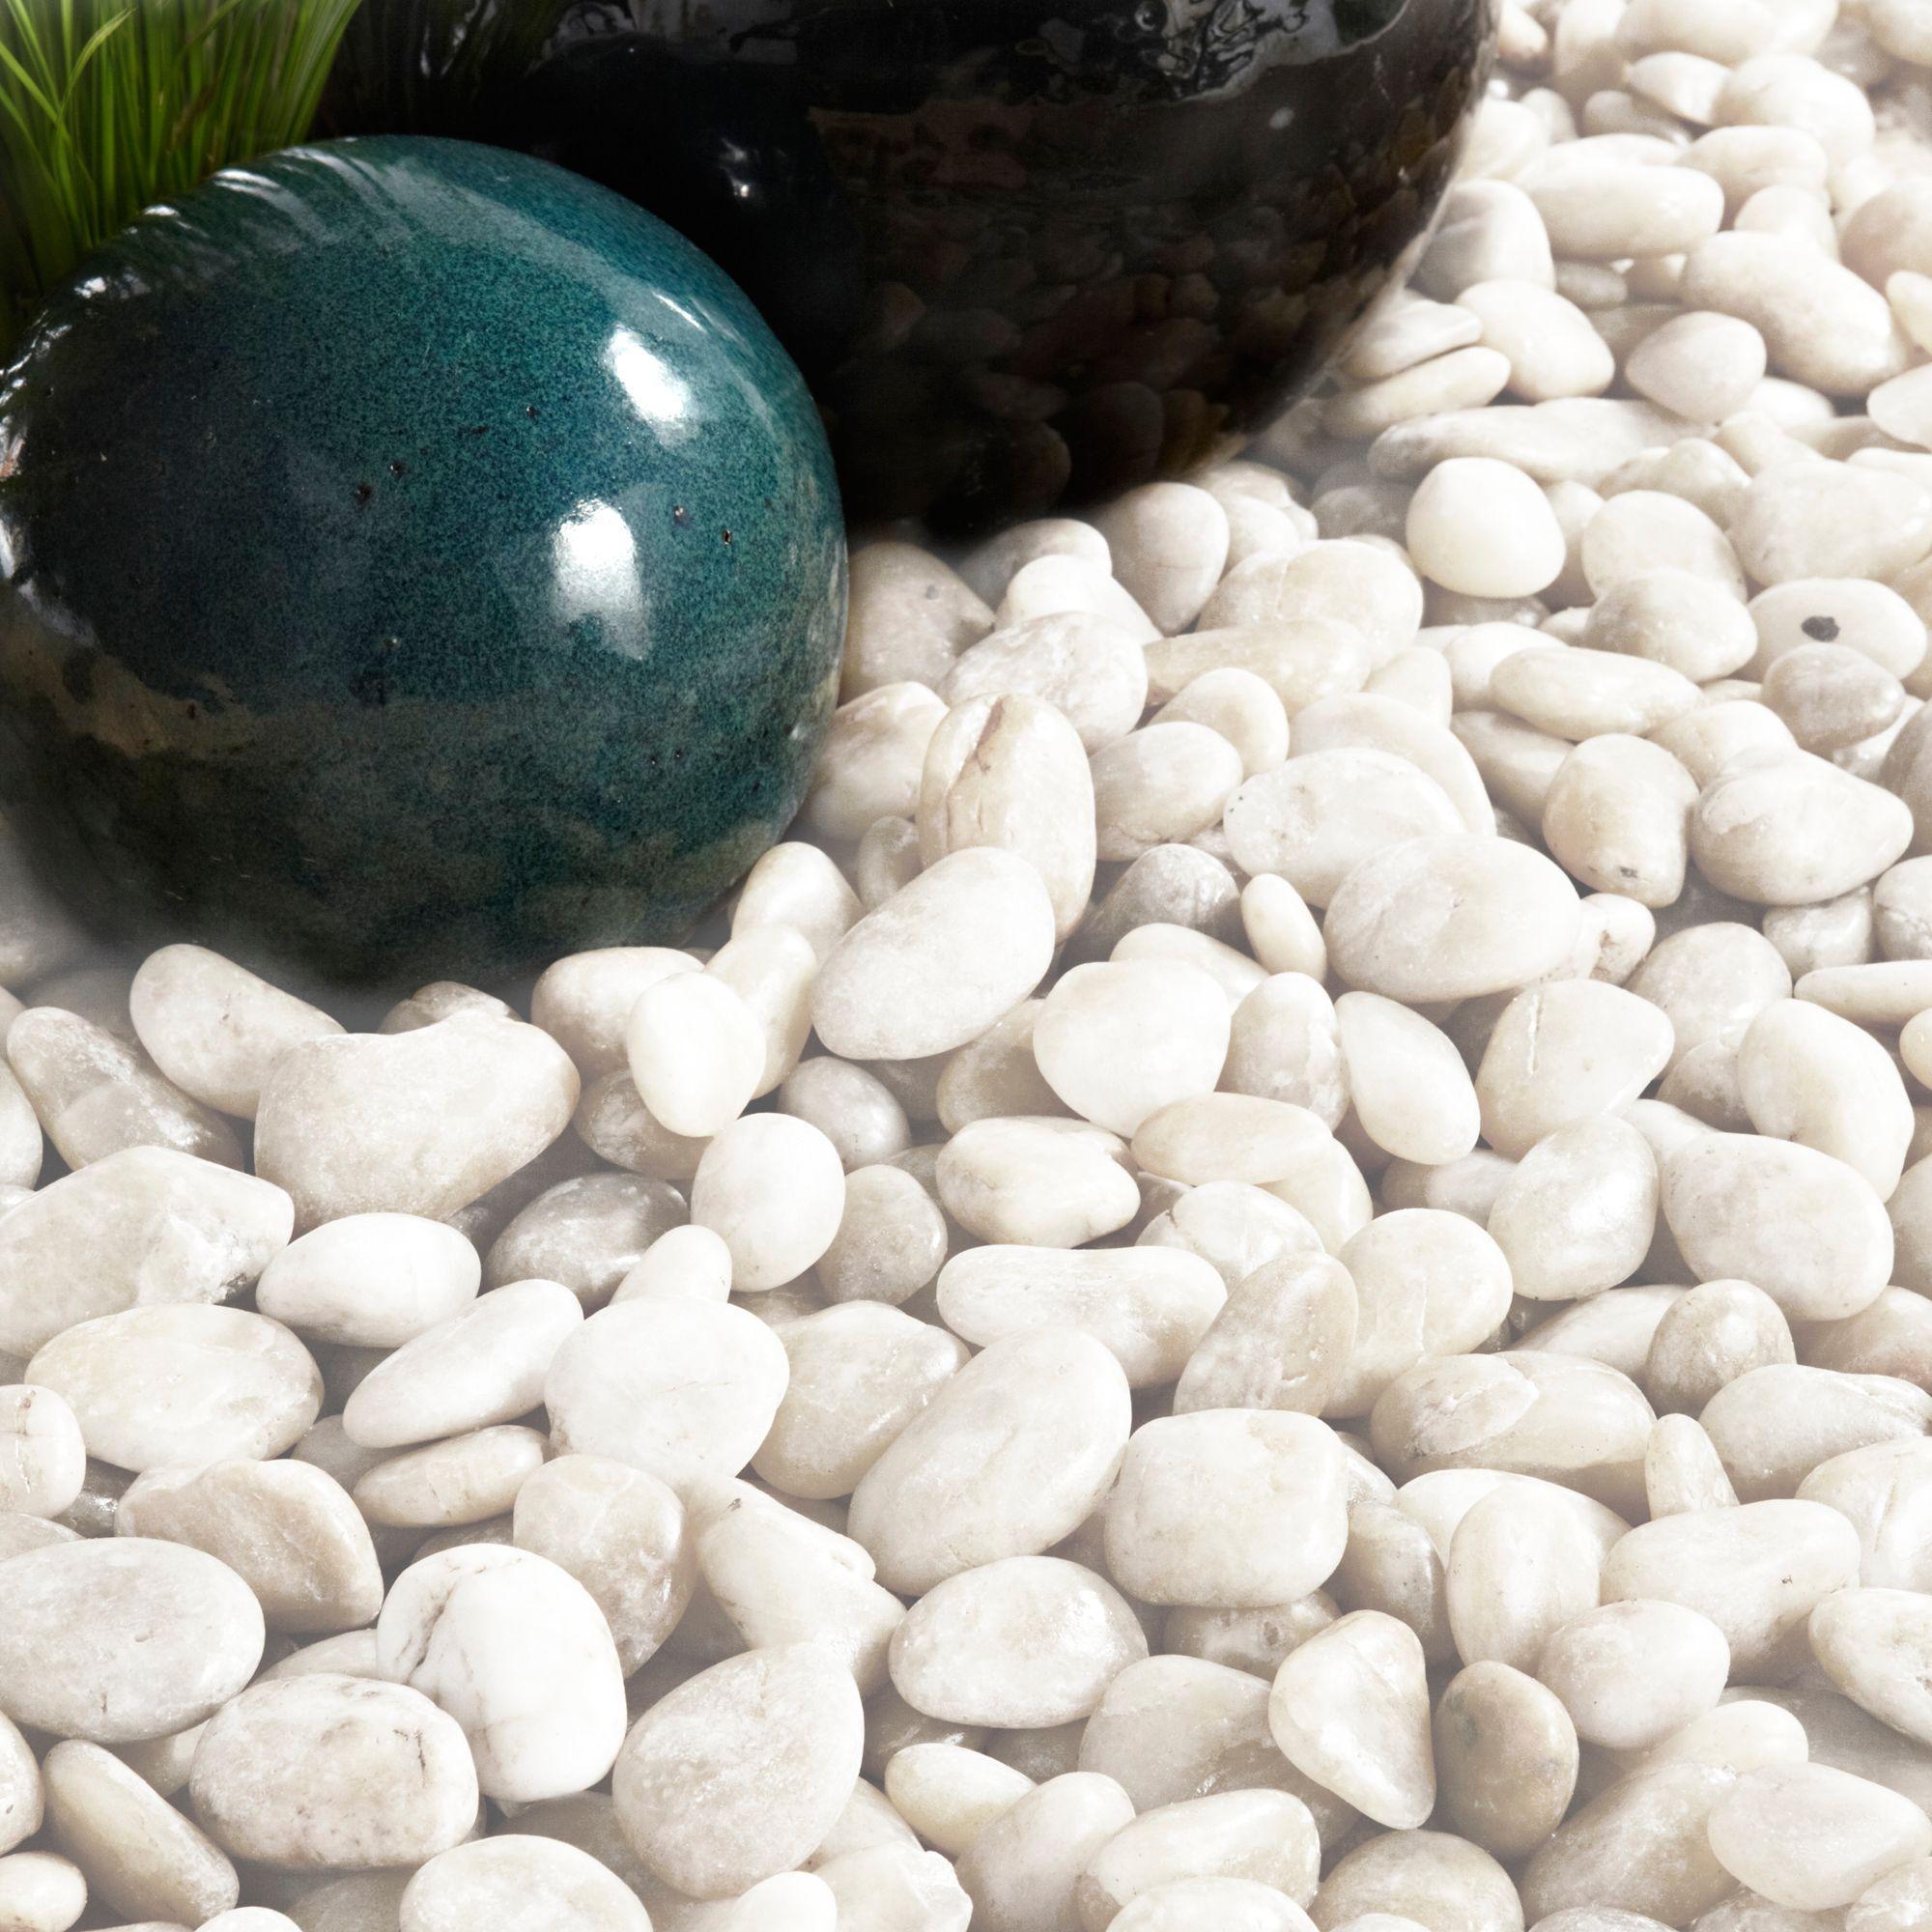 White apron homebase - Polished Chinese White Pebbles 5 Kg